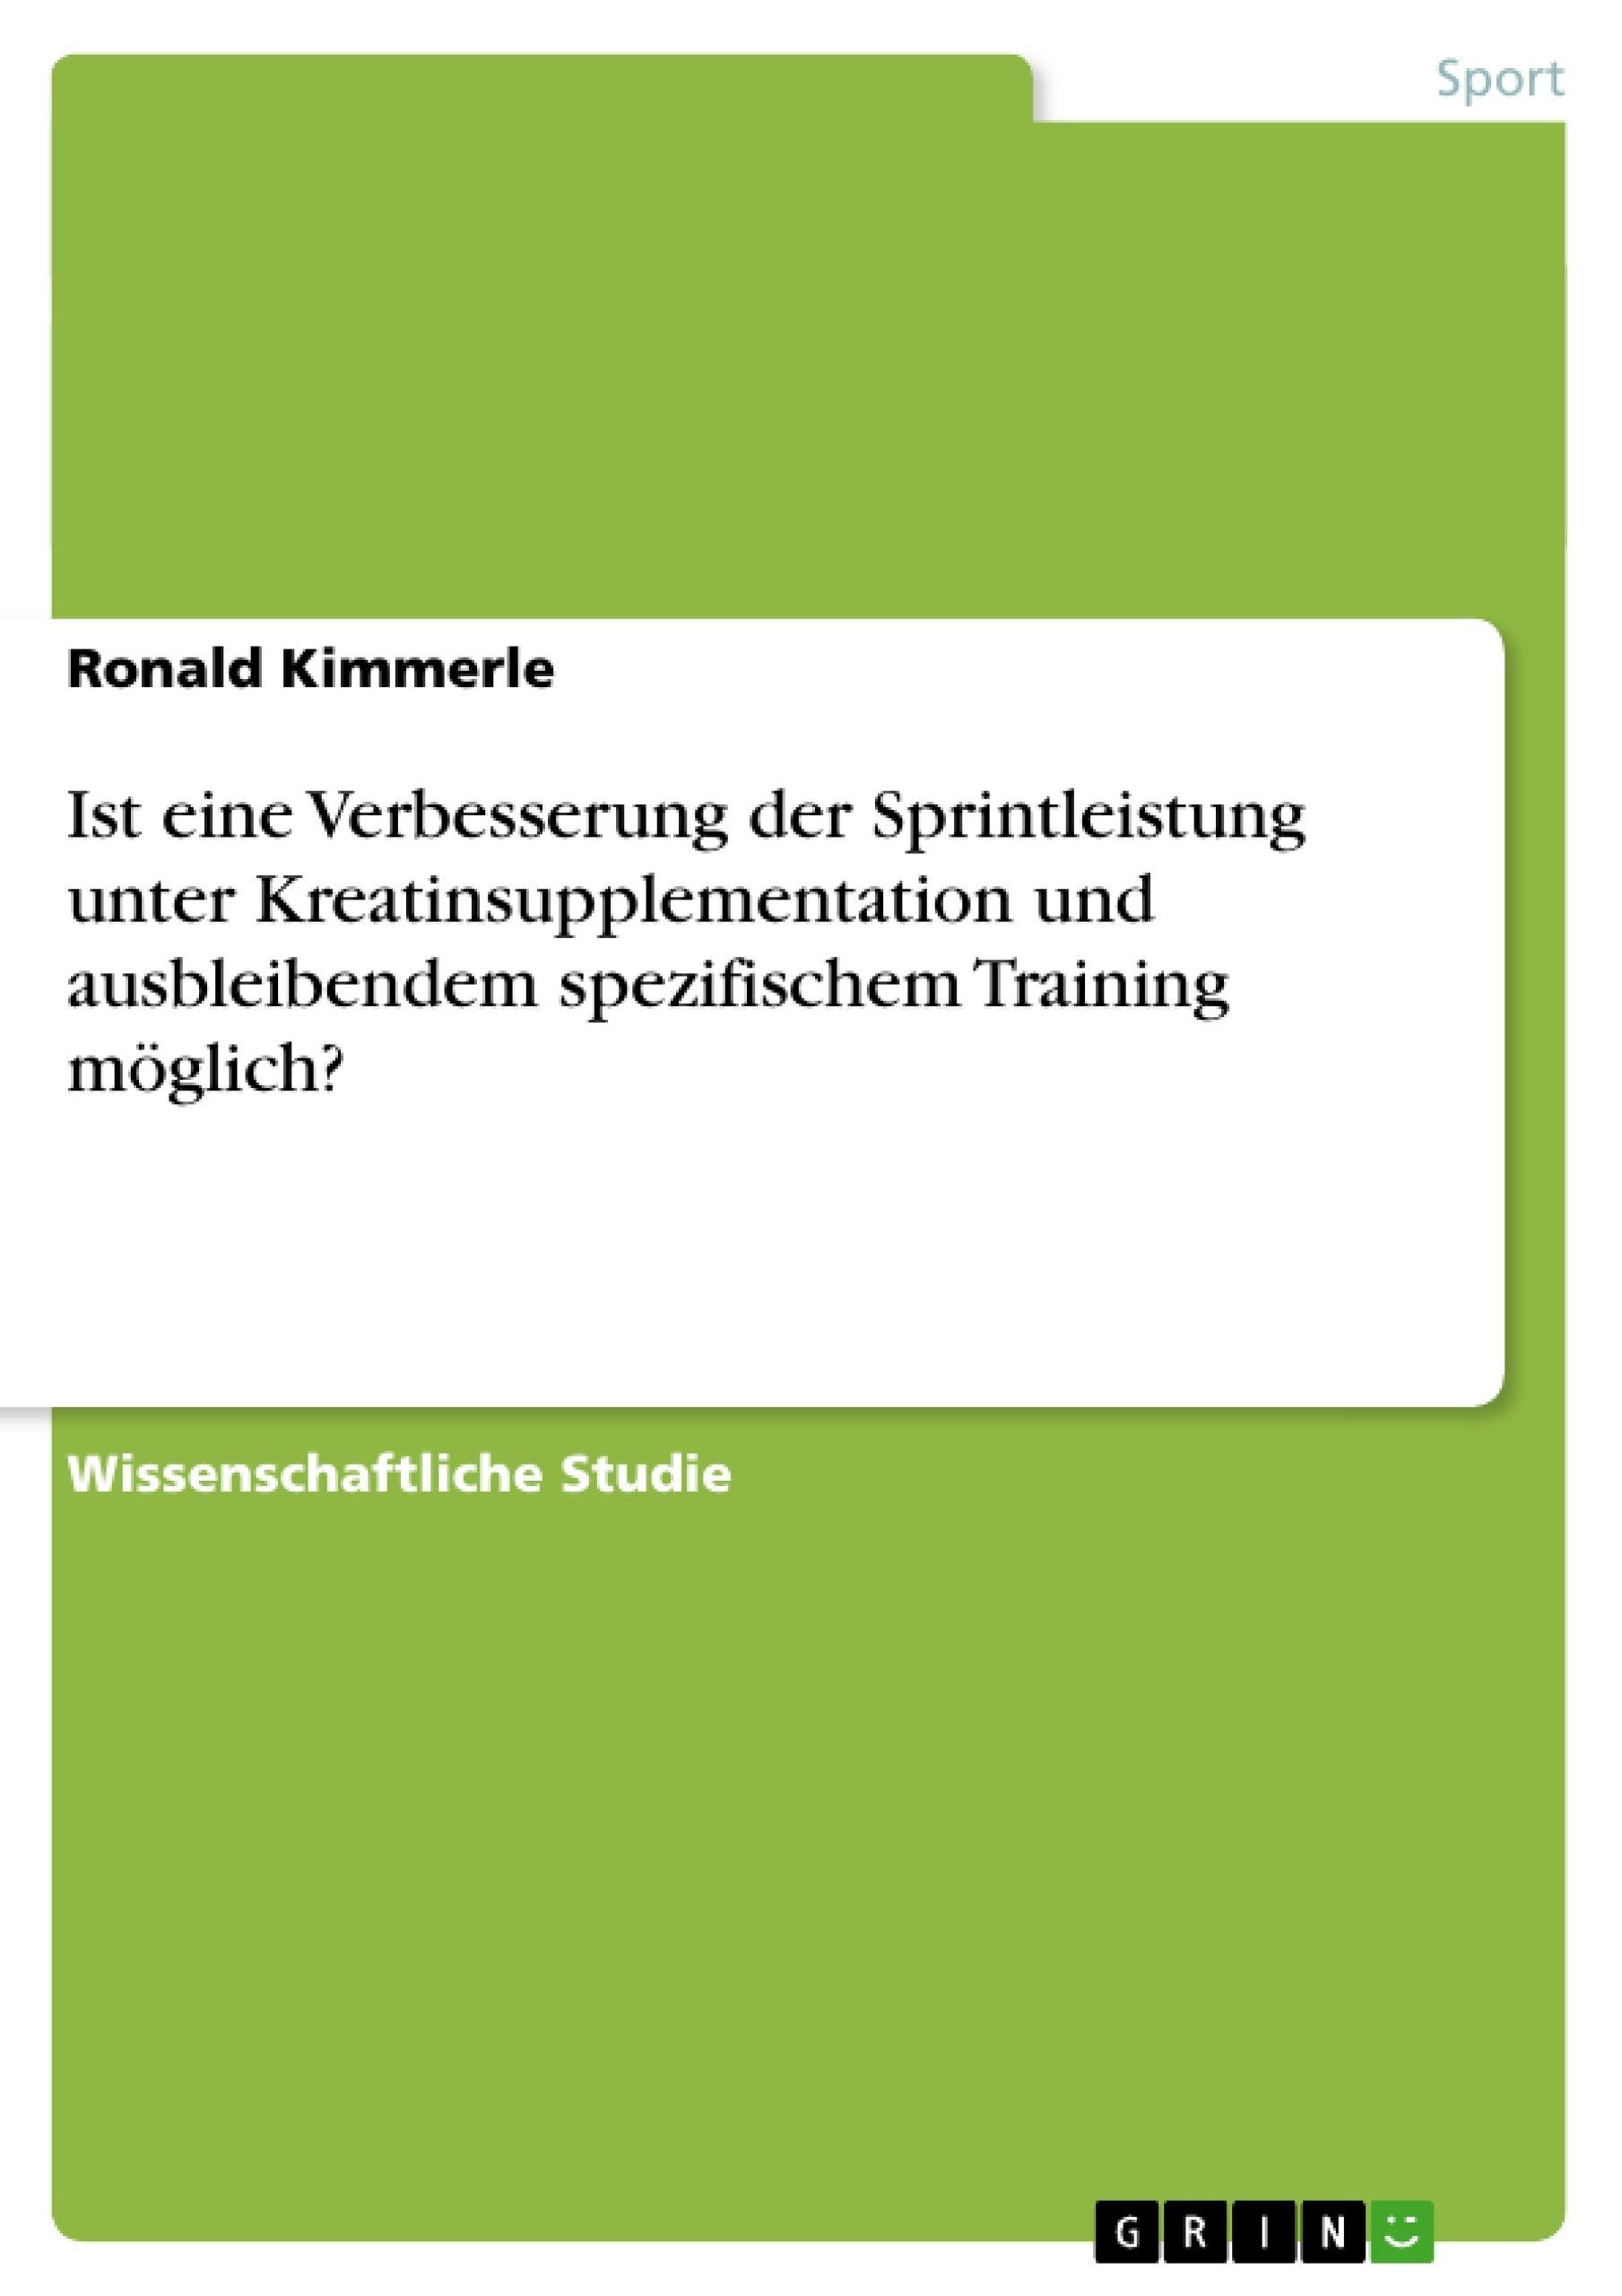 Titel: Ist eine Verbesserung der Sprintleistung unter Kreatinsupplementation und ausbleibendem spezifischem Training möglich?